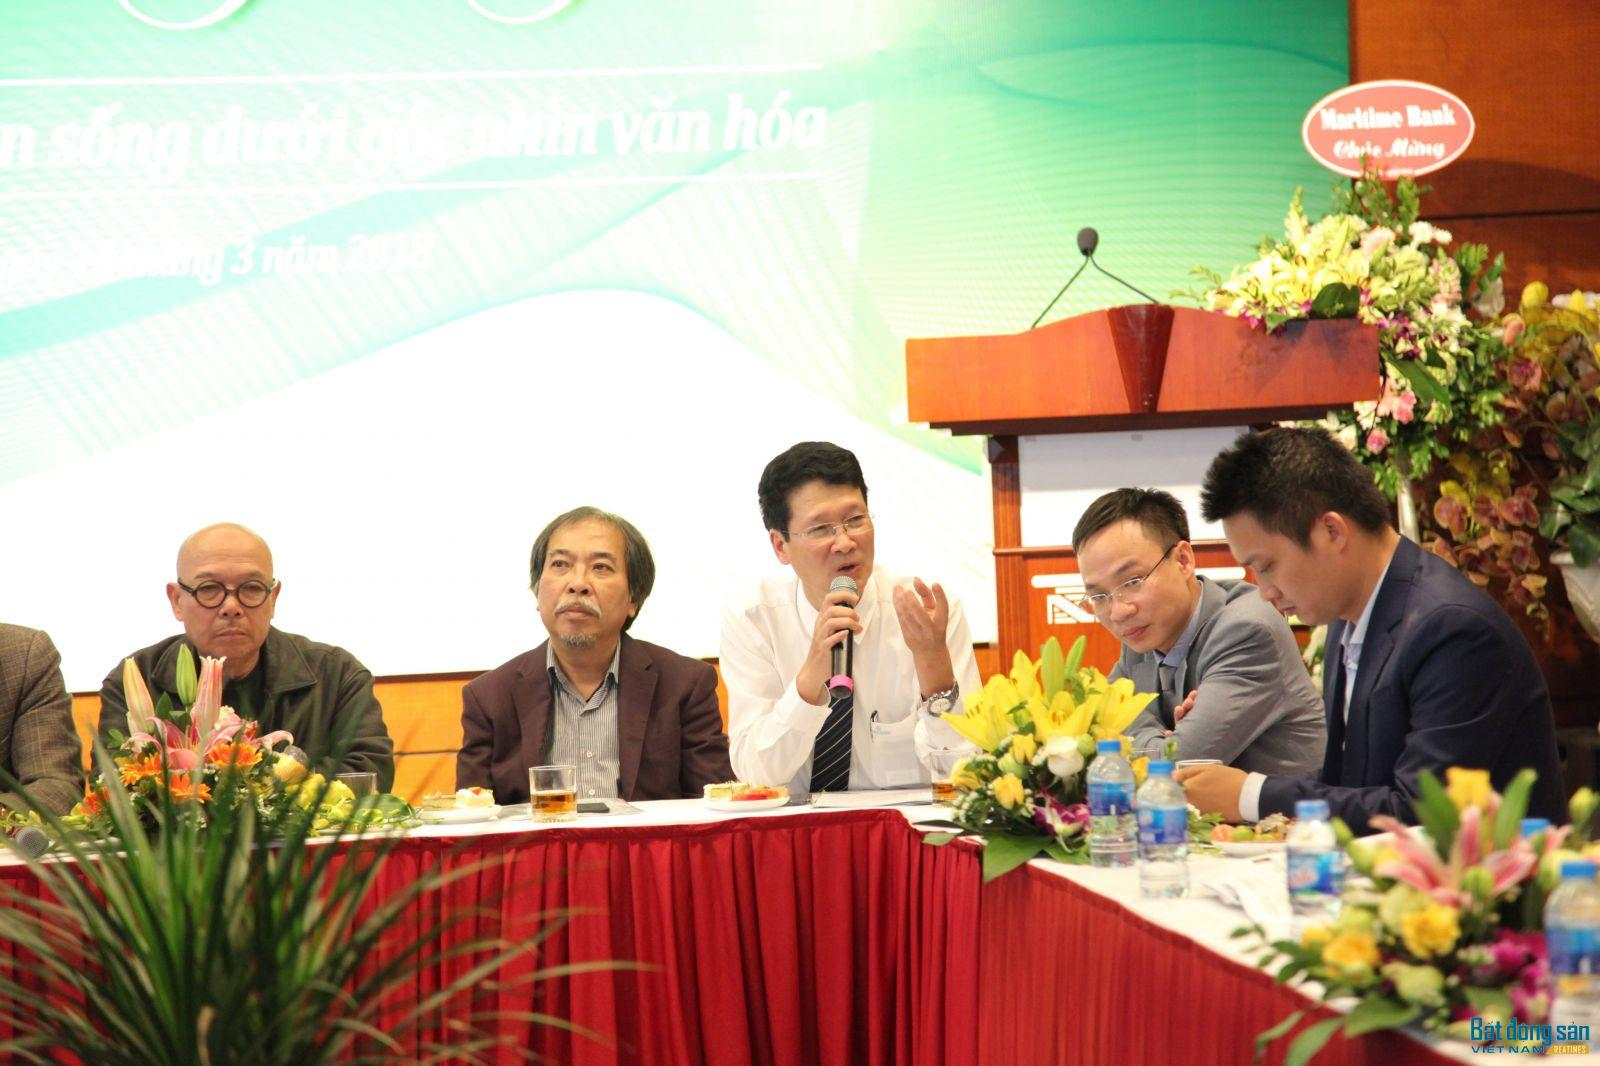 Nhà thơ Nguyễn Thành Phong (áo trắng) chủ trì cuộc Tọa đàm